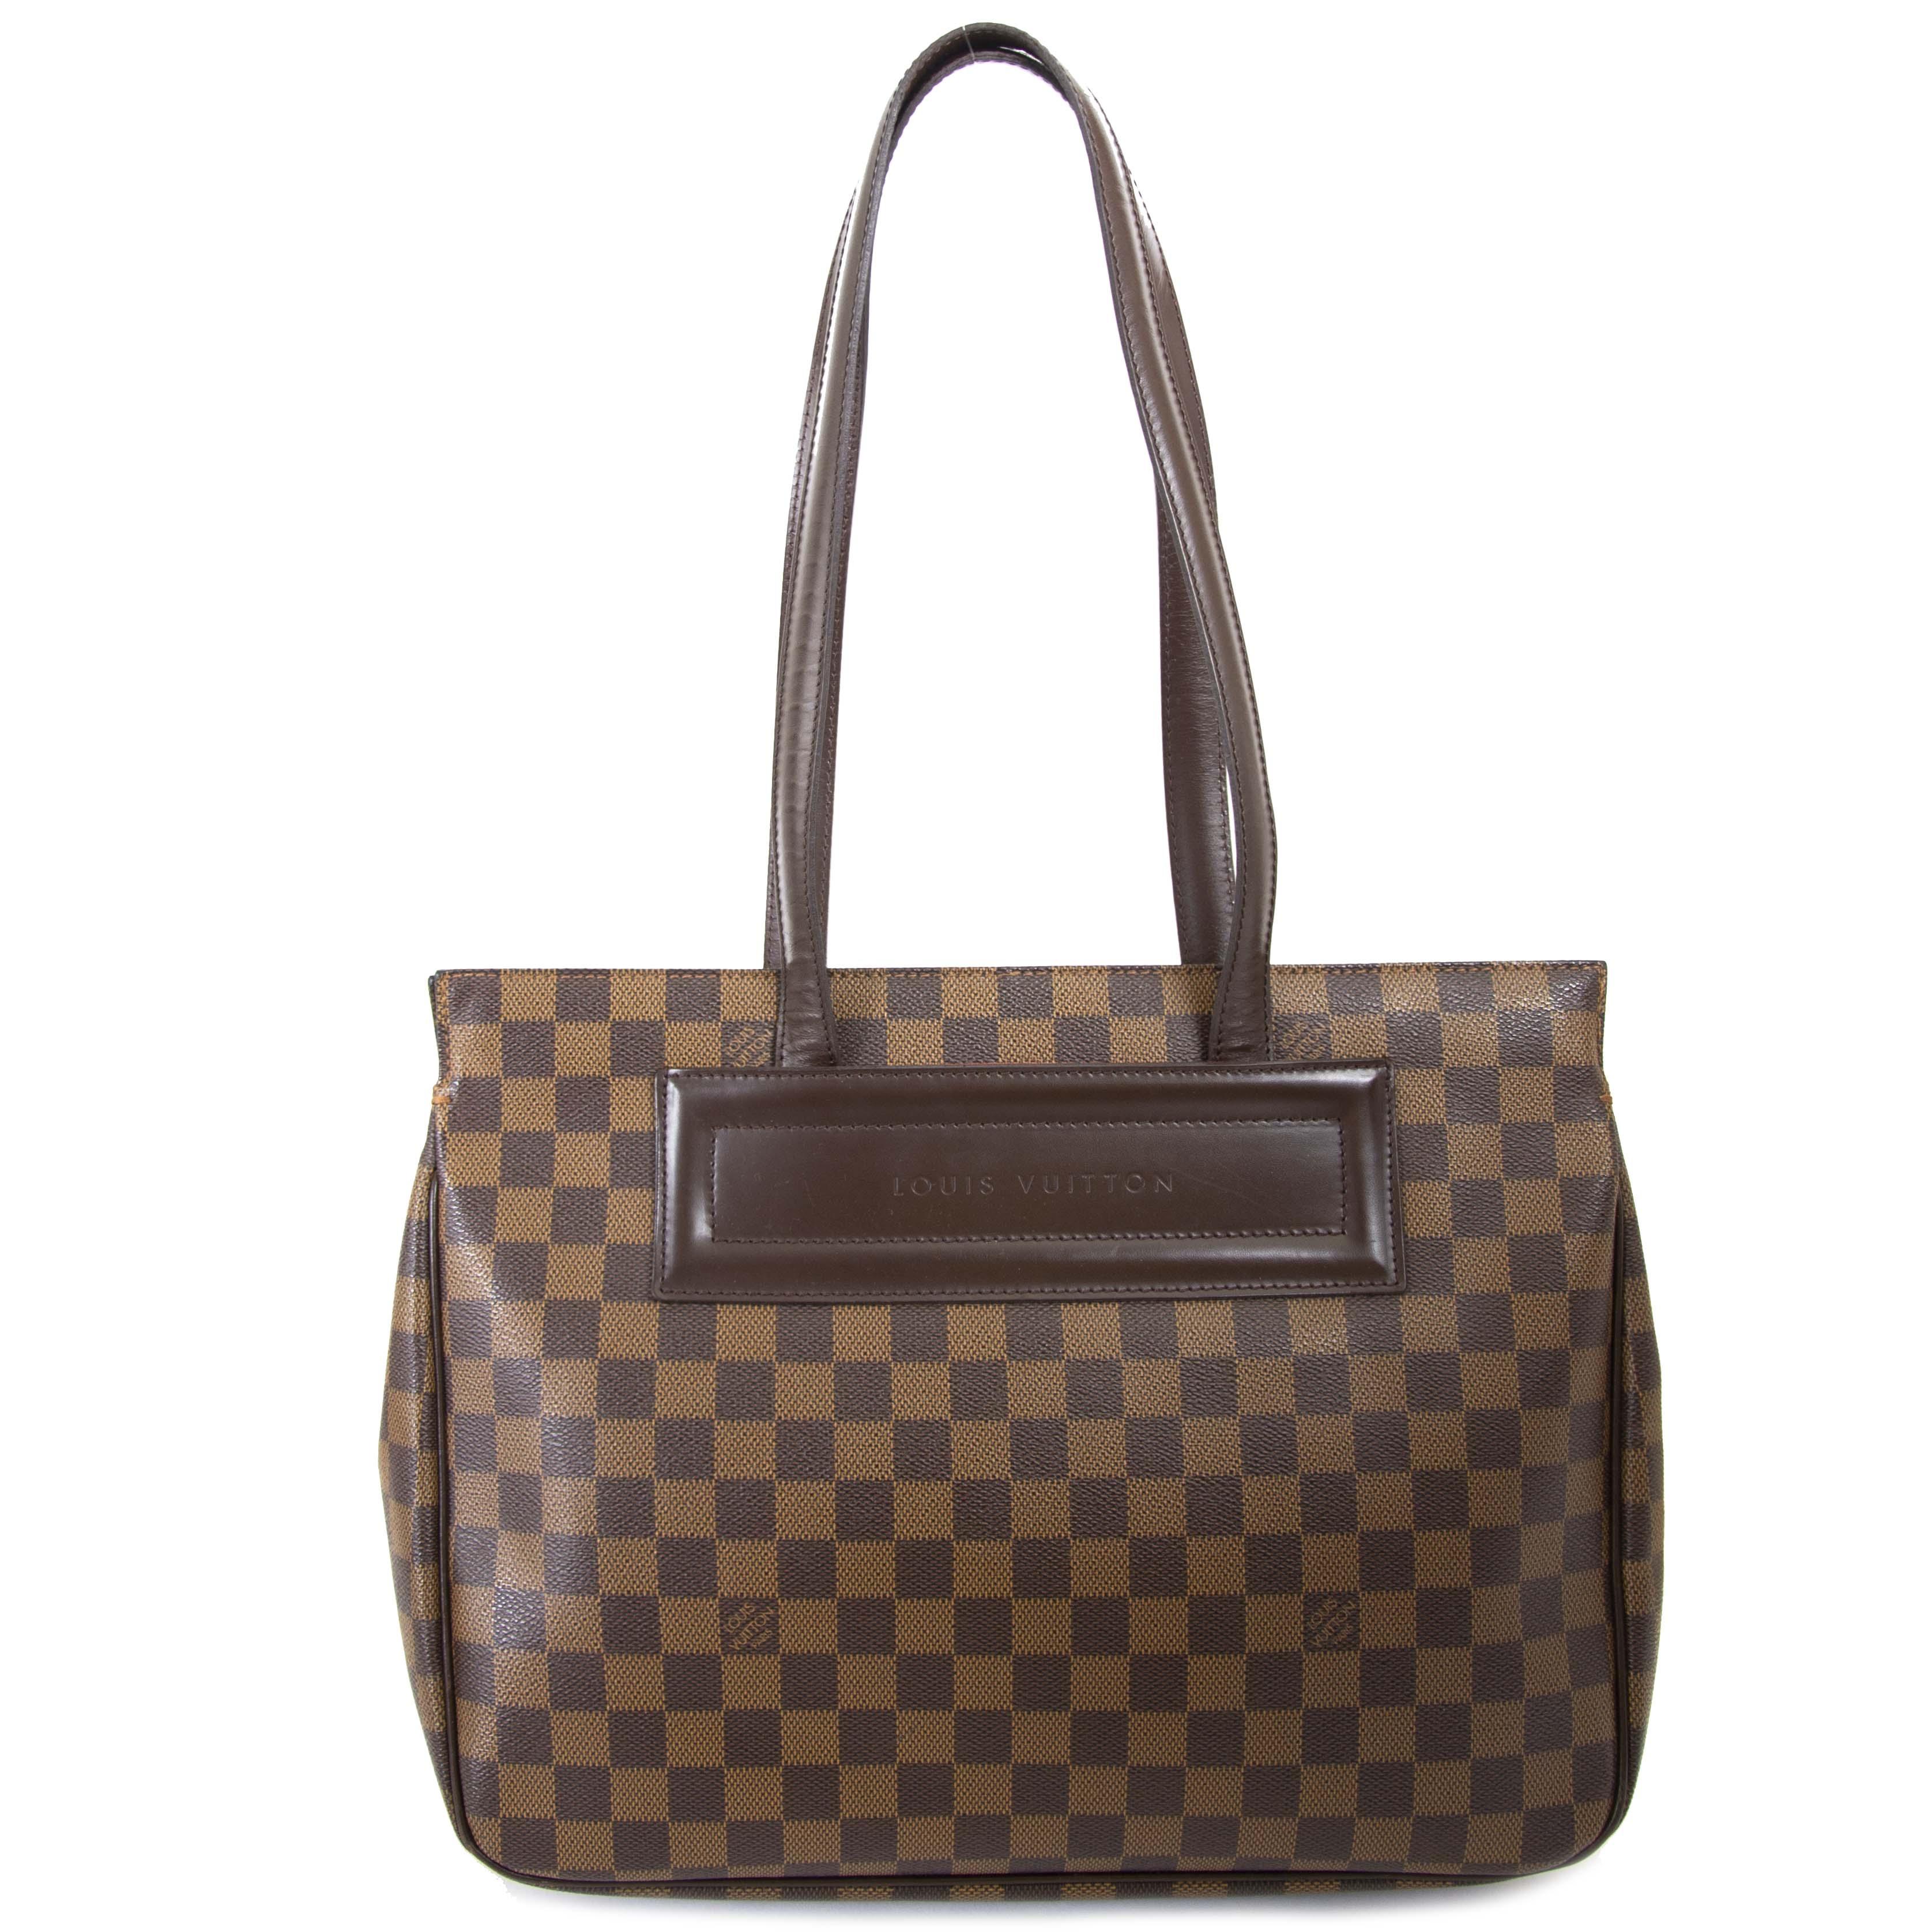 Louis Vuitton Monogram Damier Parioli Bag  veilig tweedehands aankopen